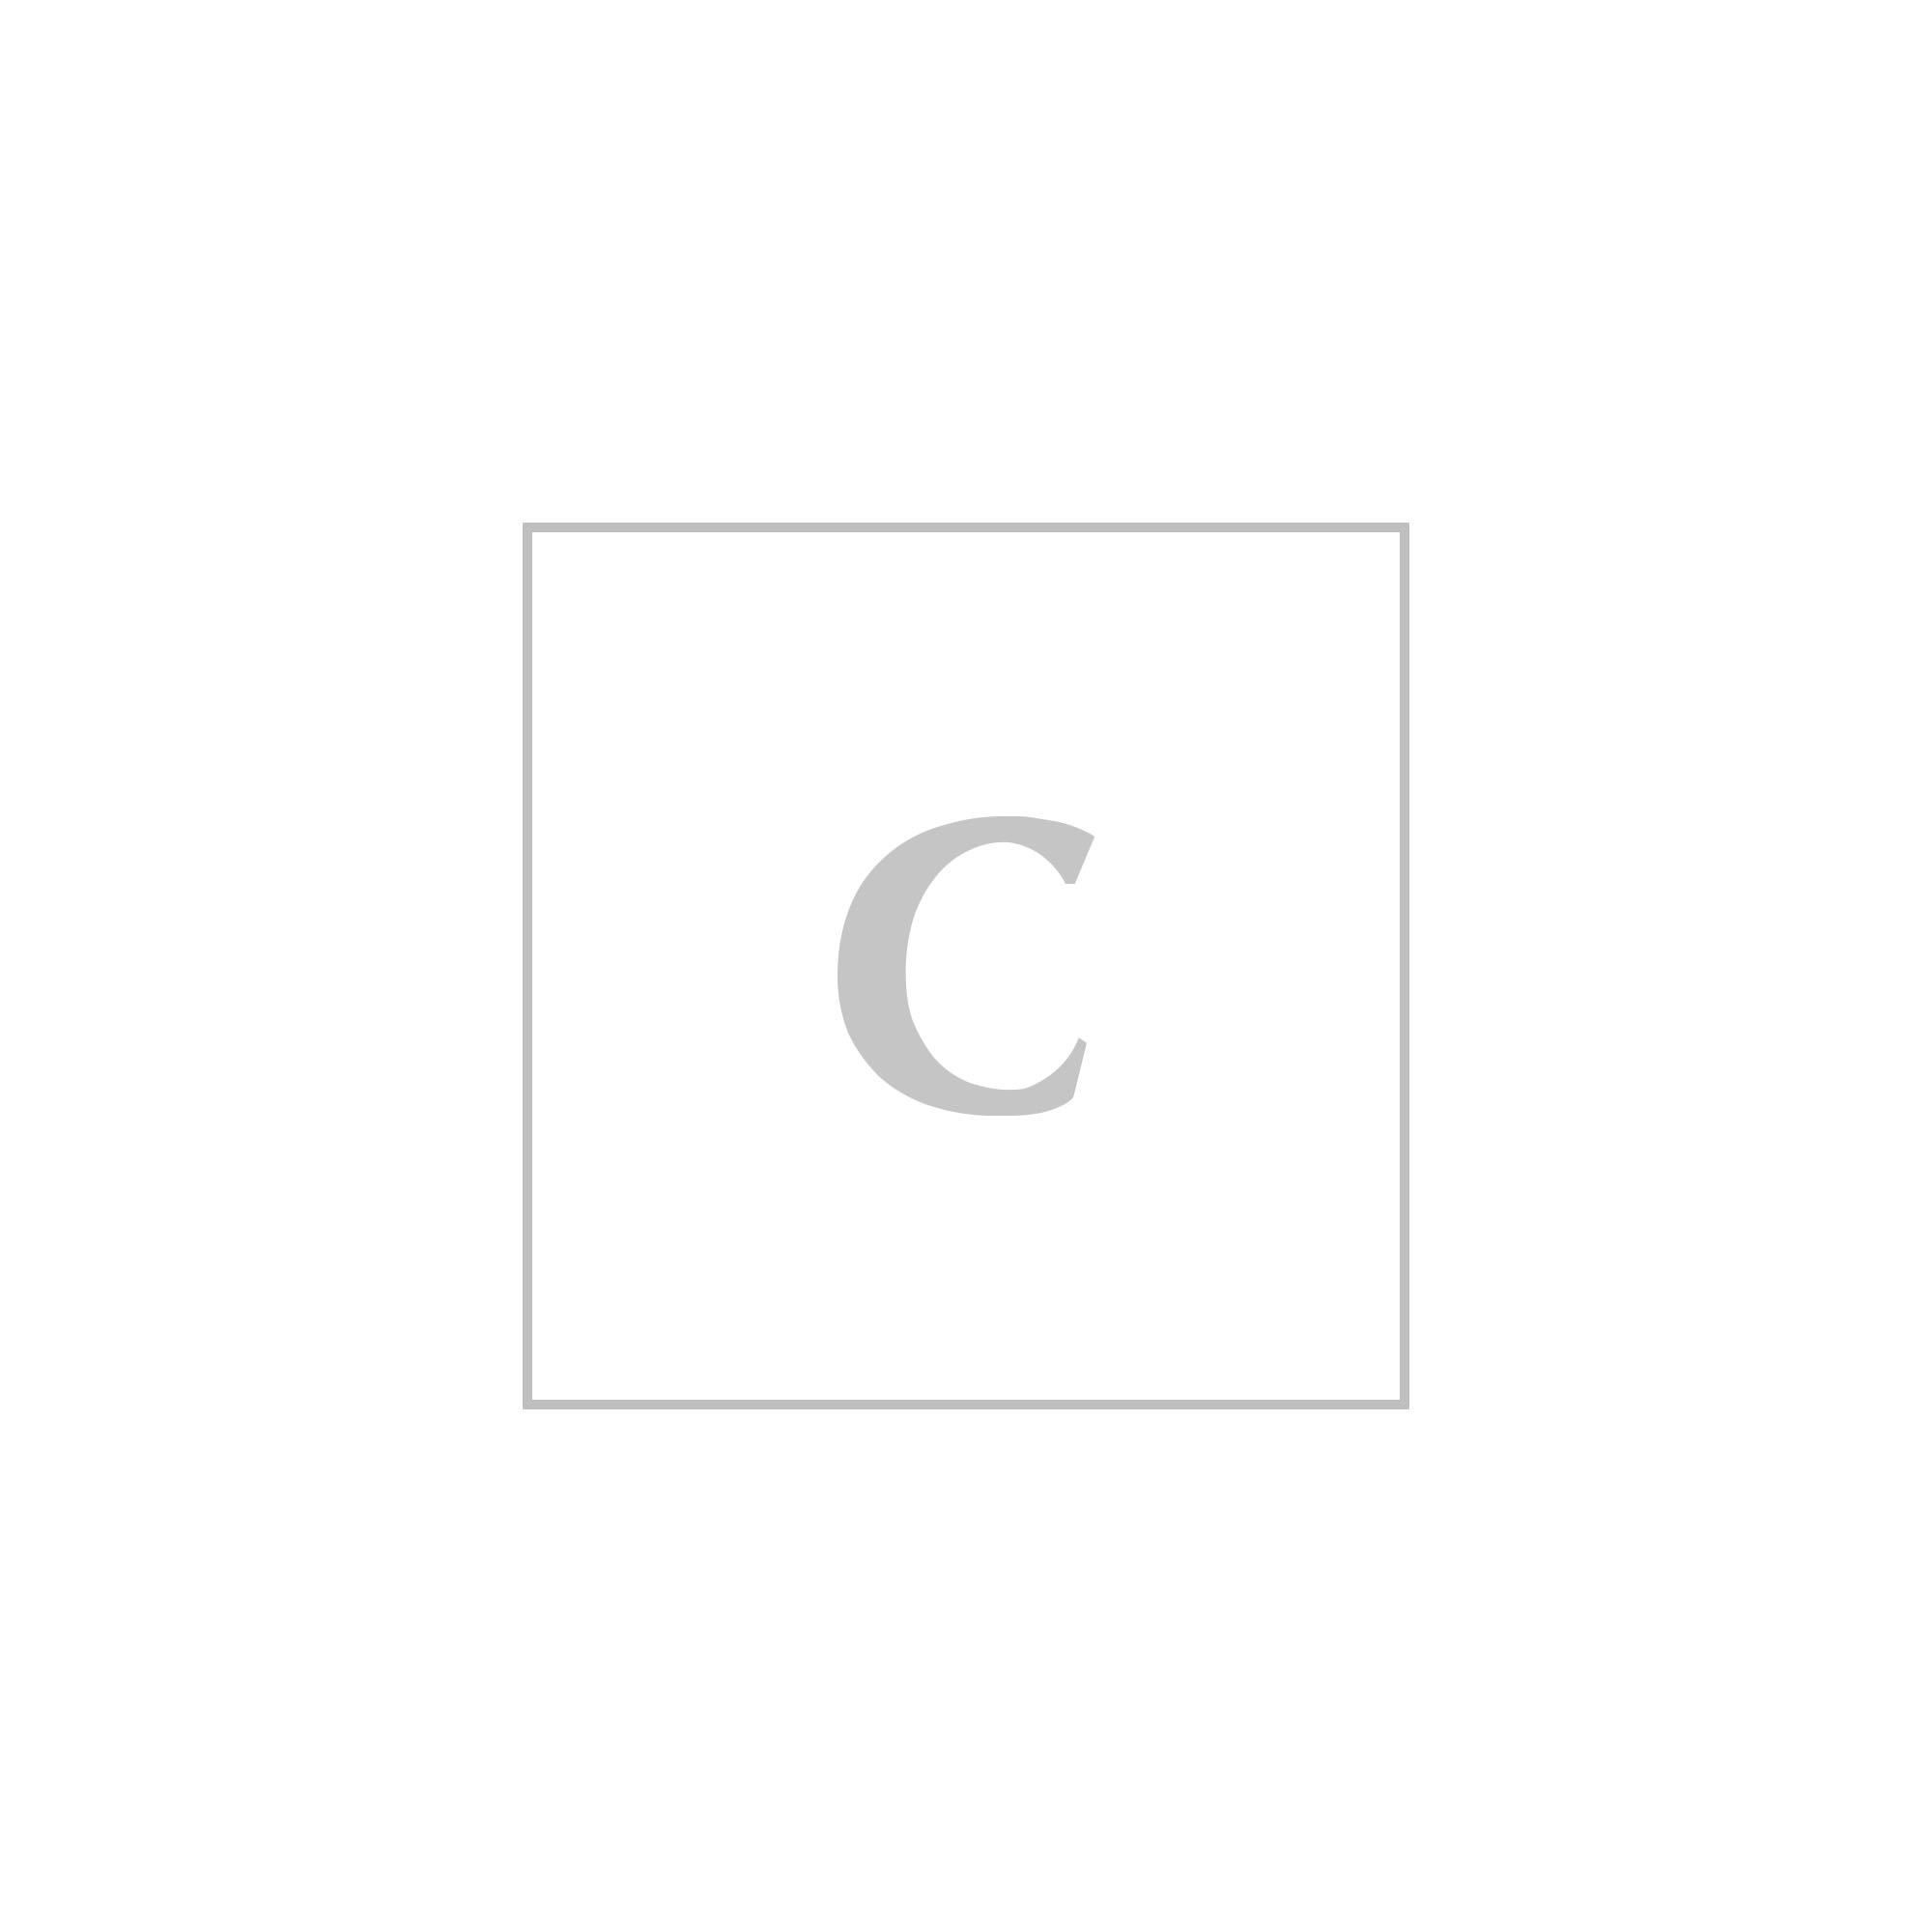 Ohmai antiope mp080 clutch